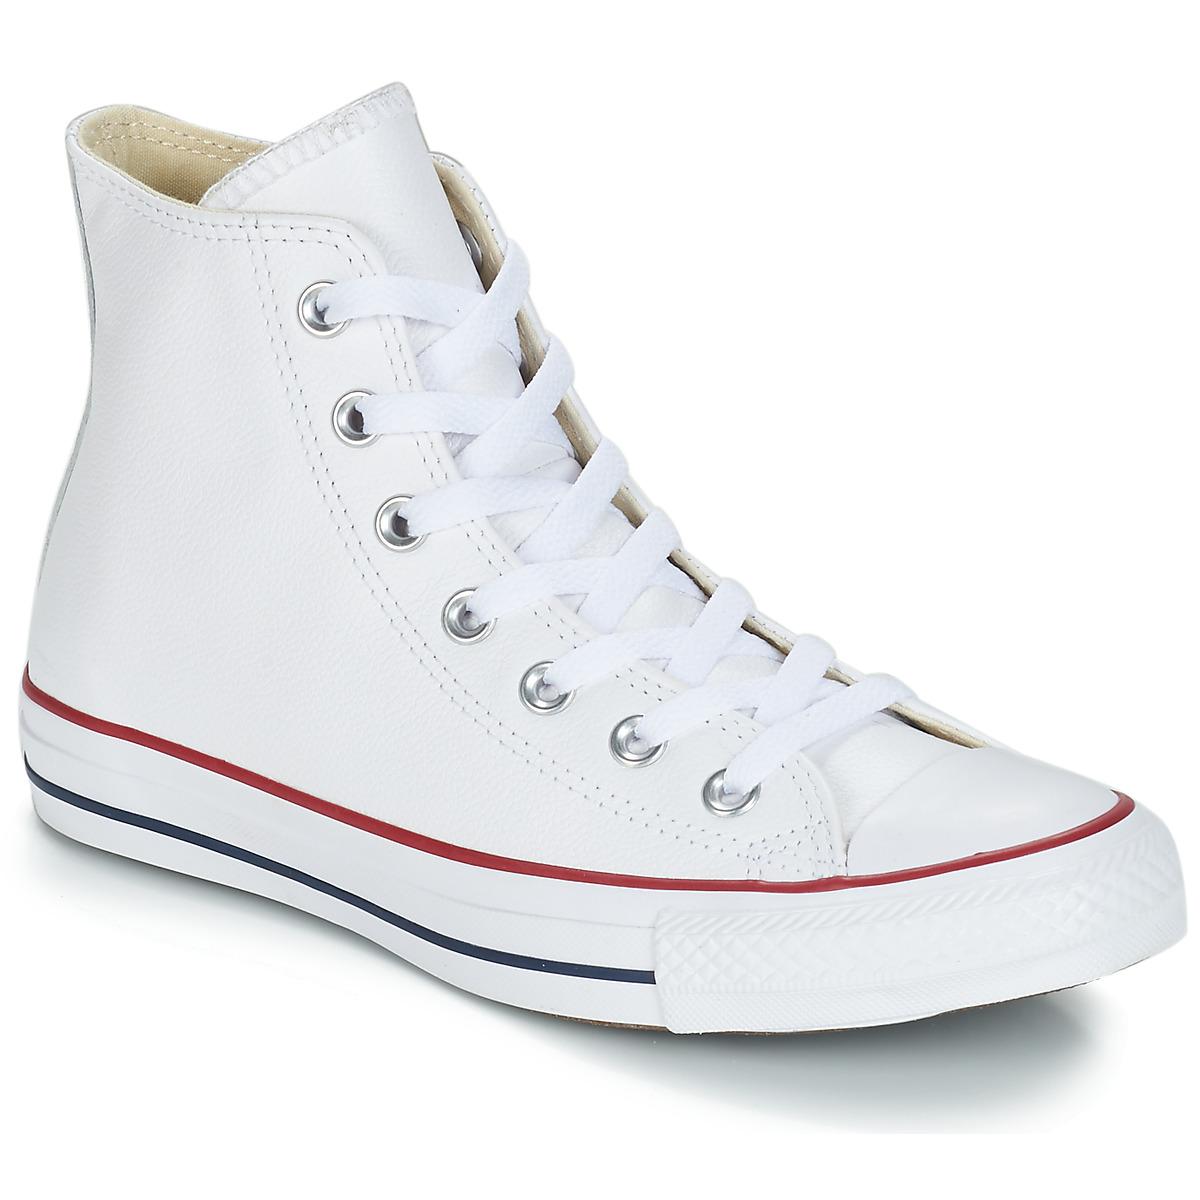 scarpe ragazza converse chuck taylor all star